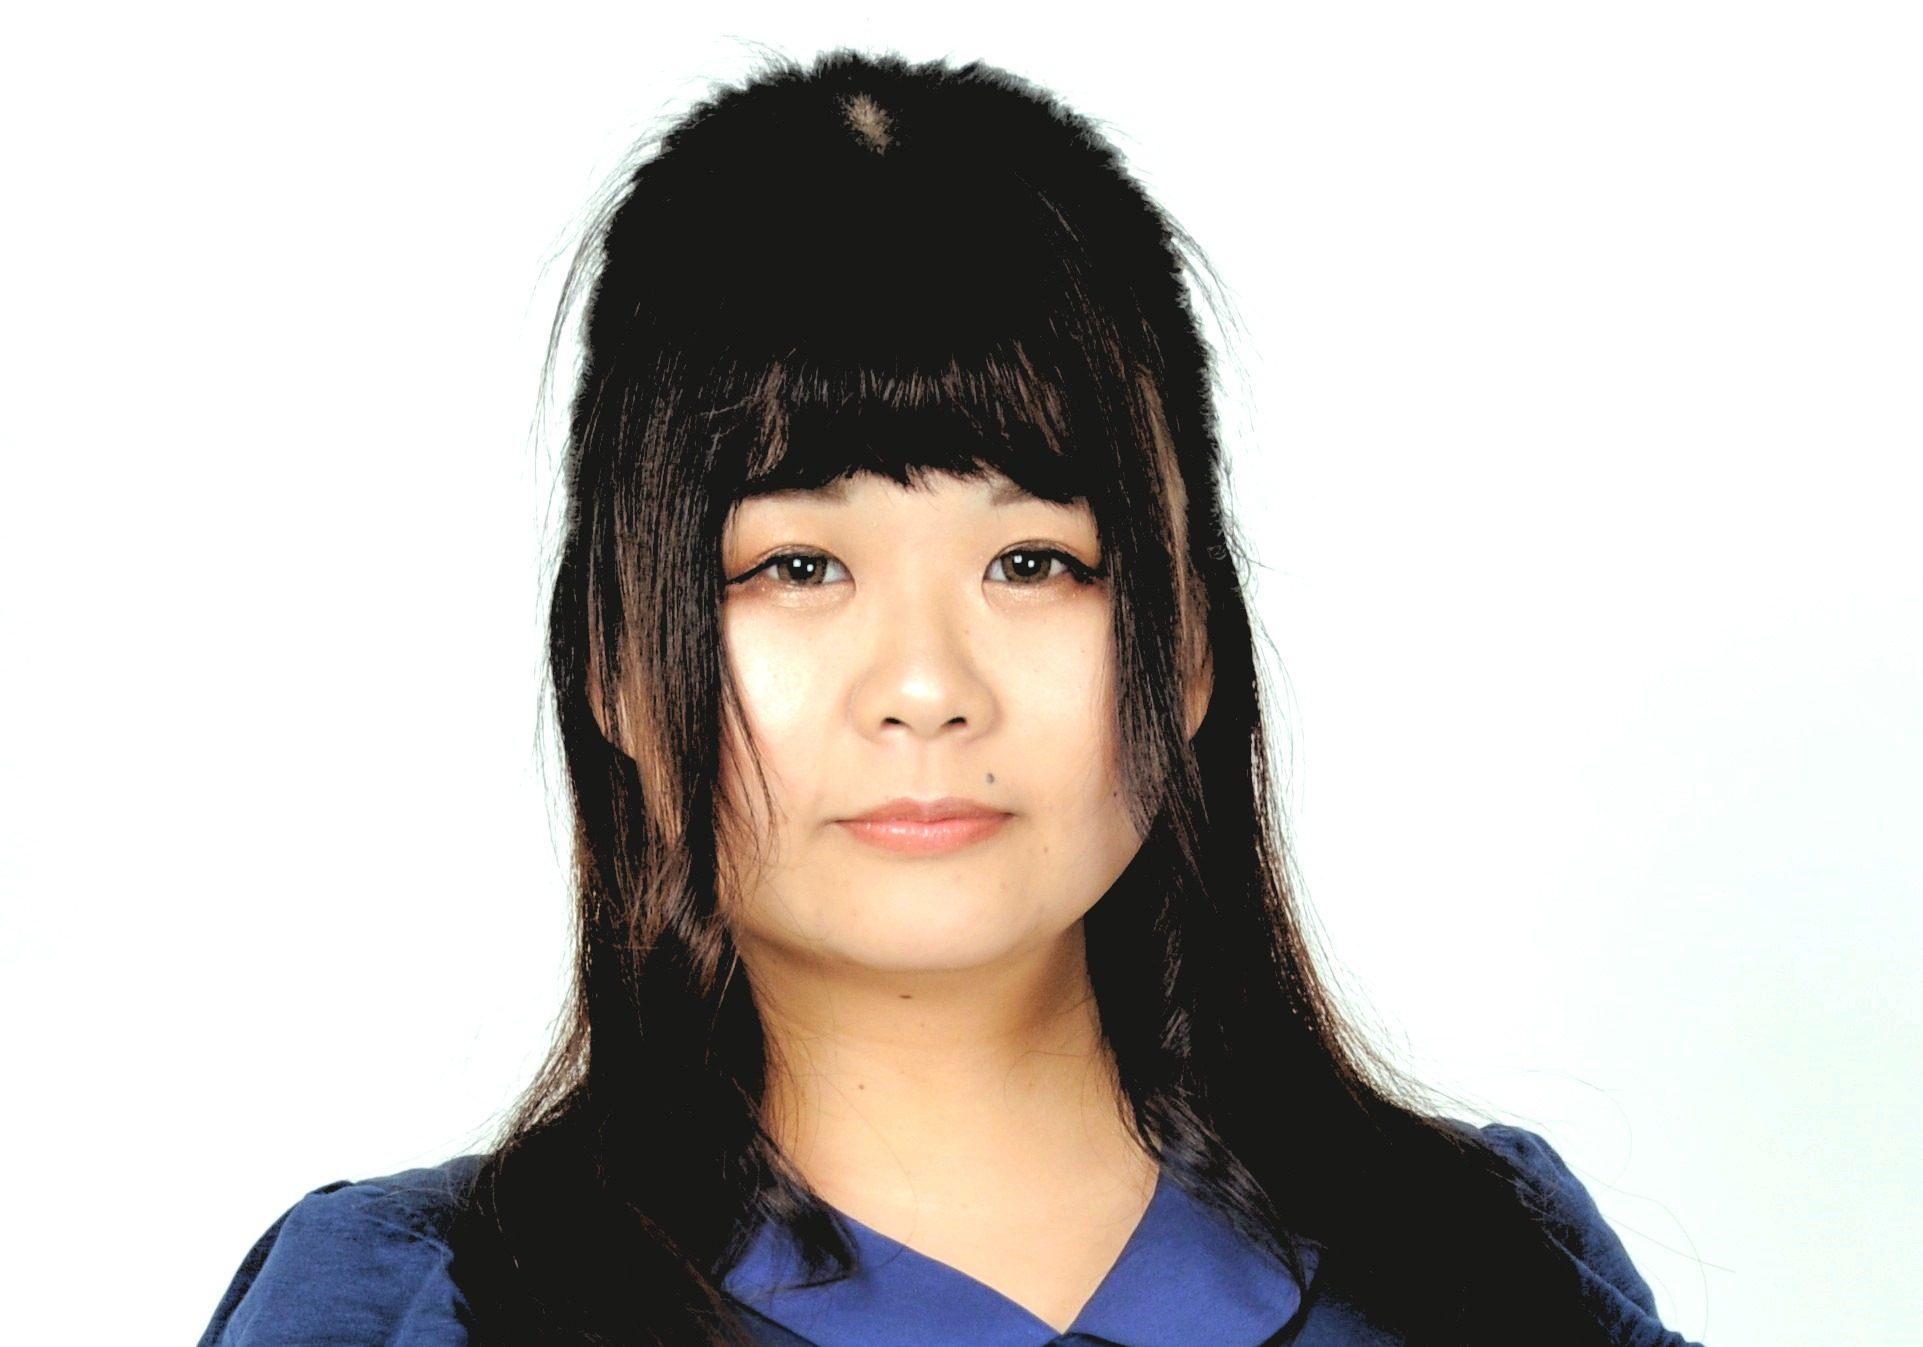 荒井餅子 舞台「リトライ」出演のお知らせ